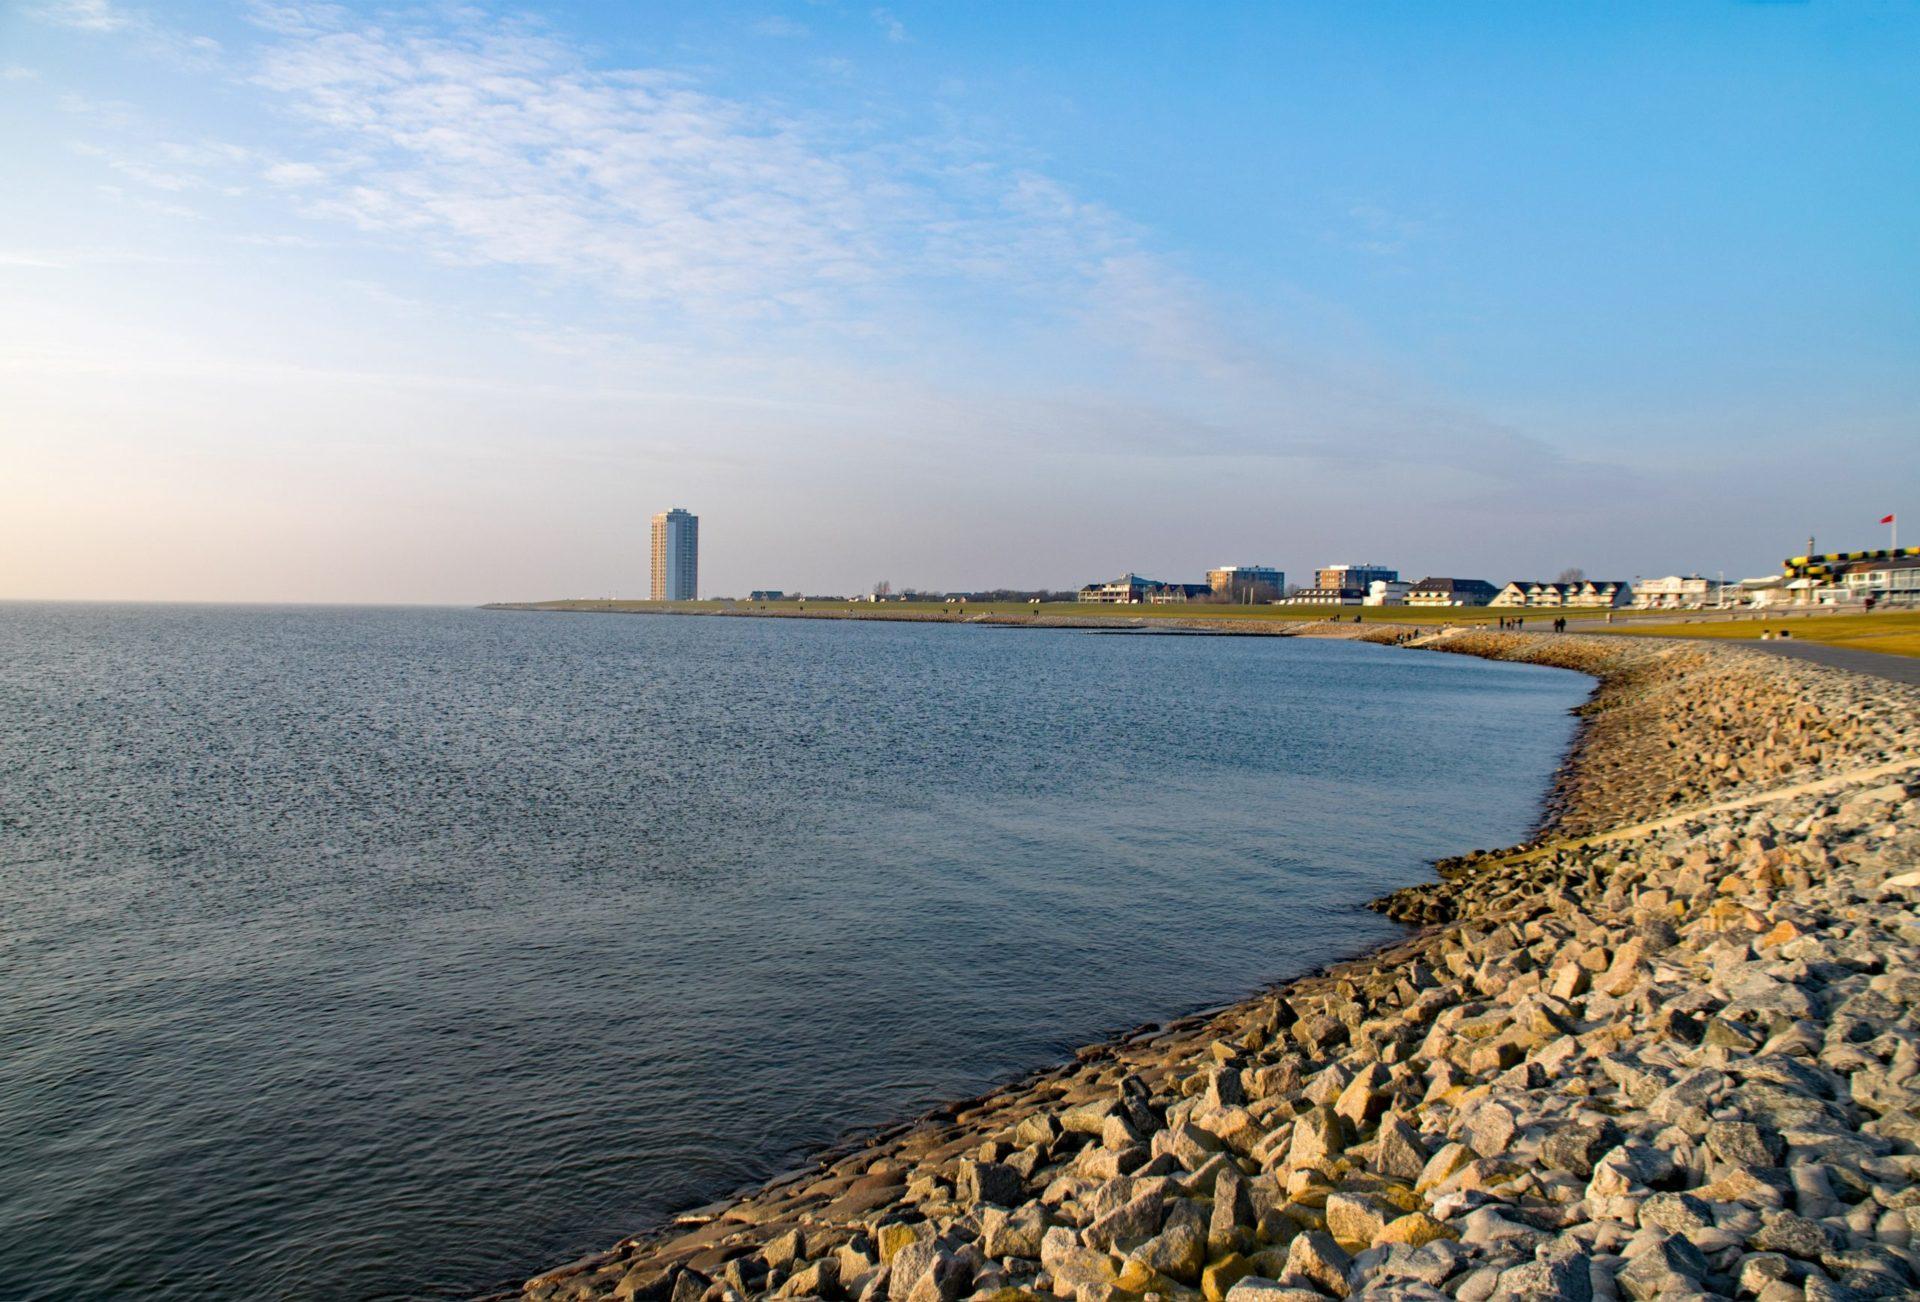 Wassertemperatur Büsum: Damm mit Nordsee und Hochhaus von Büsum am Horizont